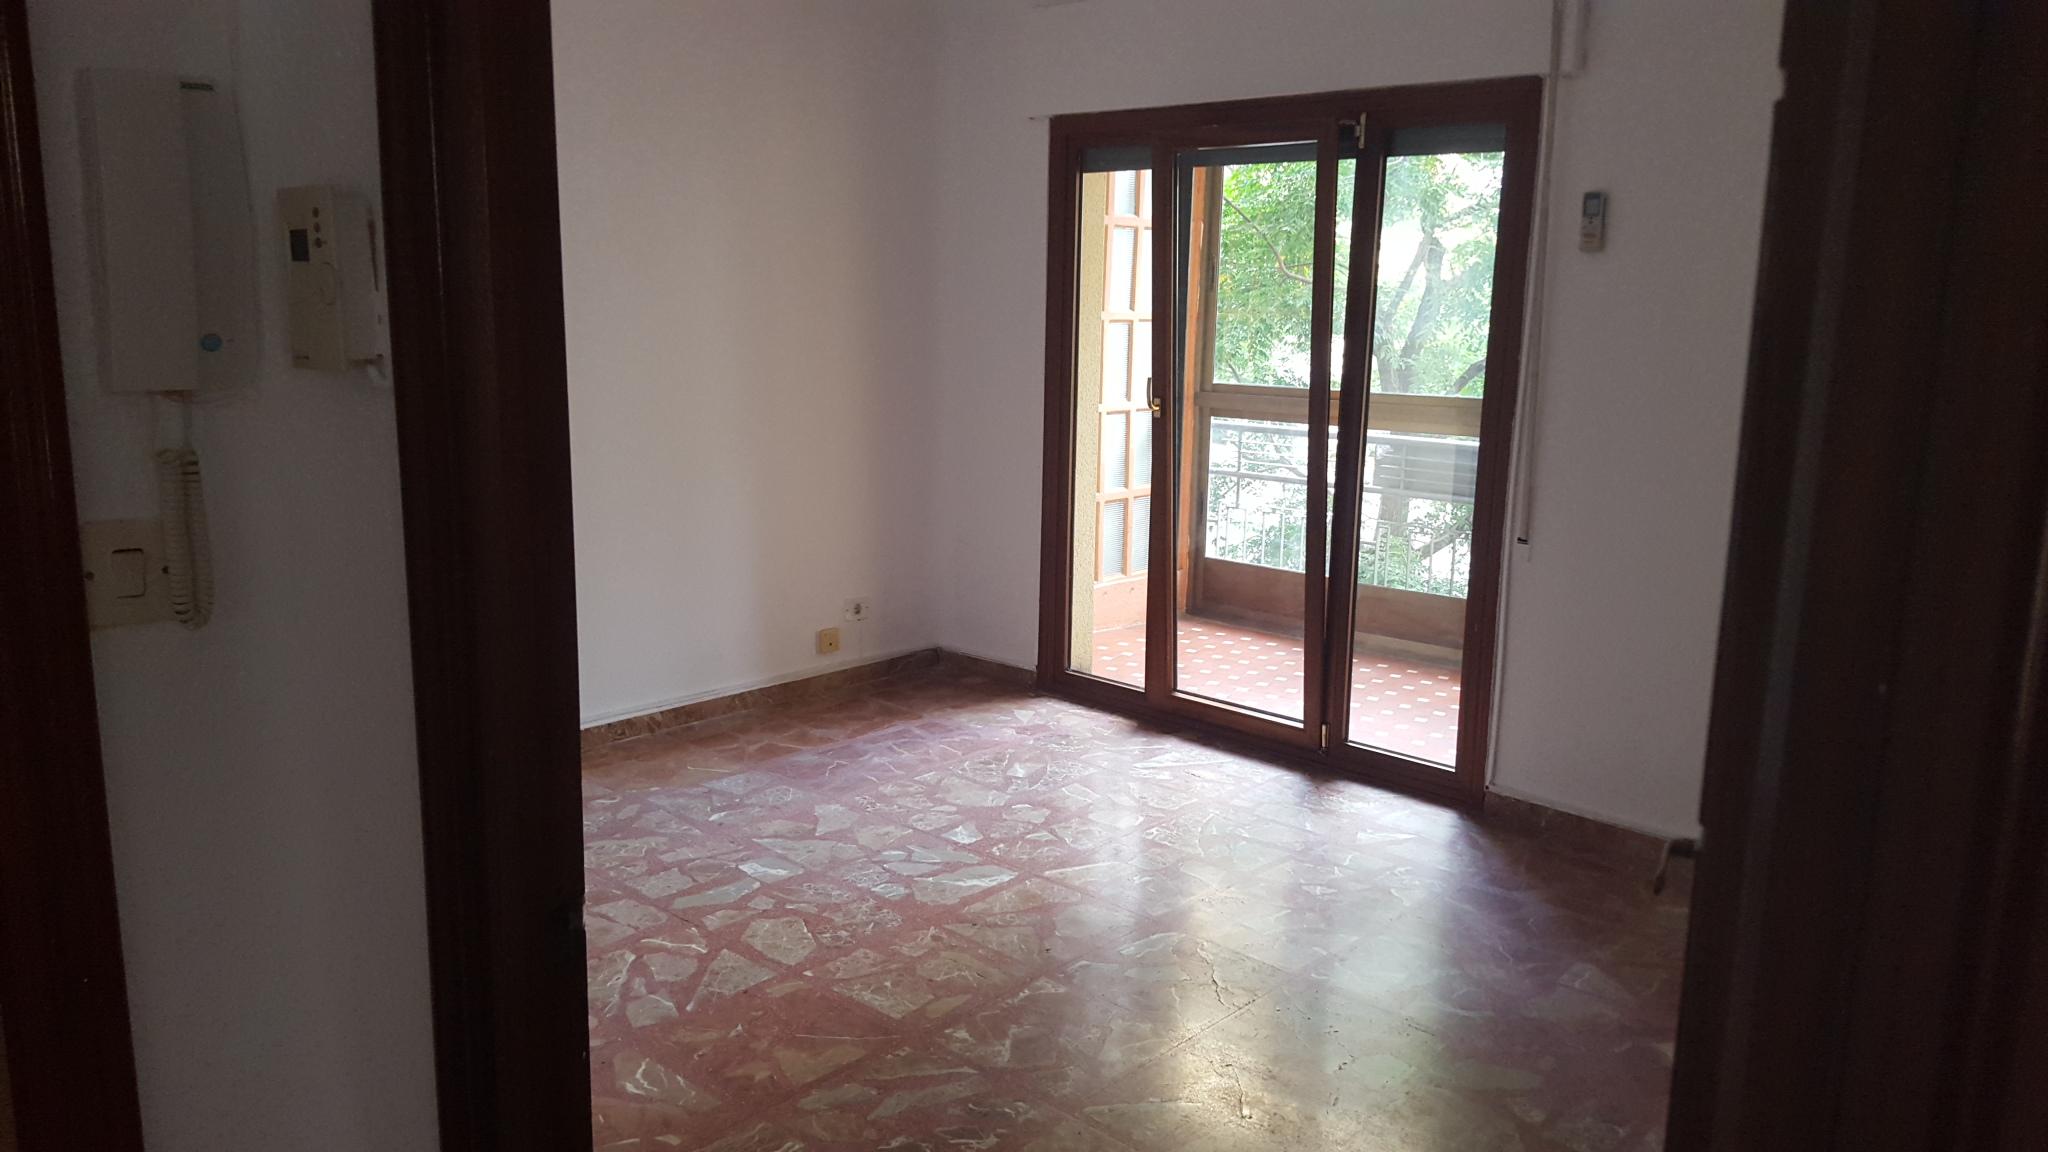 Piso en venta en Los Fratres, Cáceres, Cáceres, Calle Garcia Plata de Osma, 215.000 €, 4 habitaciones, 2 baños, 188 m2